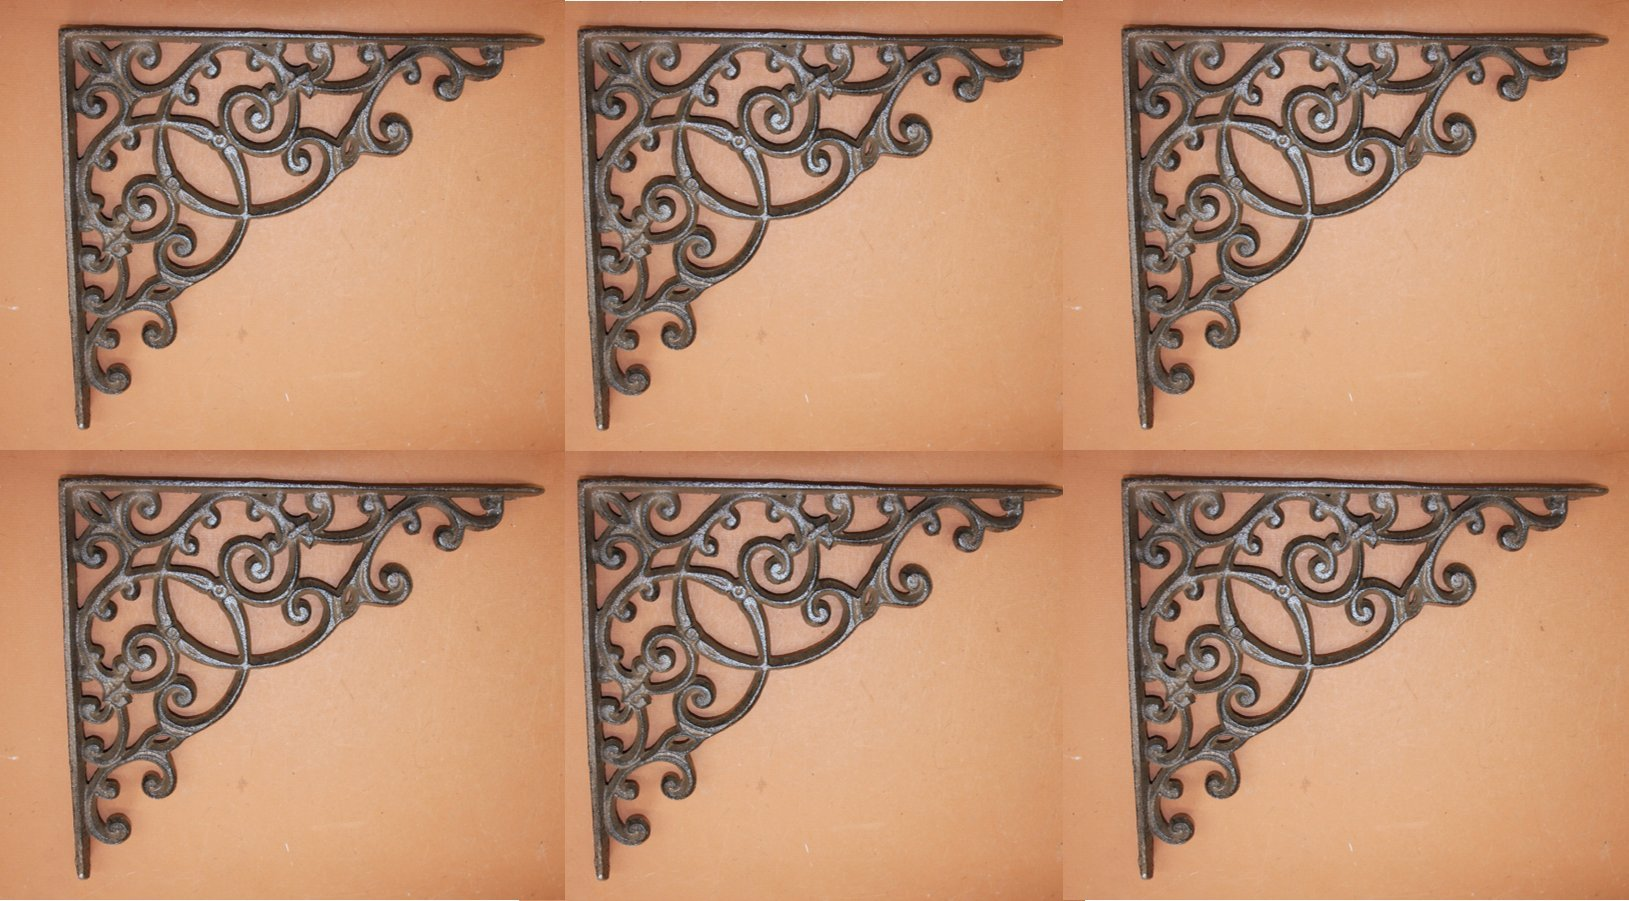 Extra Large Heavy Duty Decorative Elegant Shelf Brackets, Solid Cast Iron, 13'', Set of 6